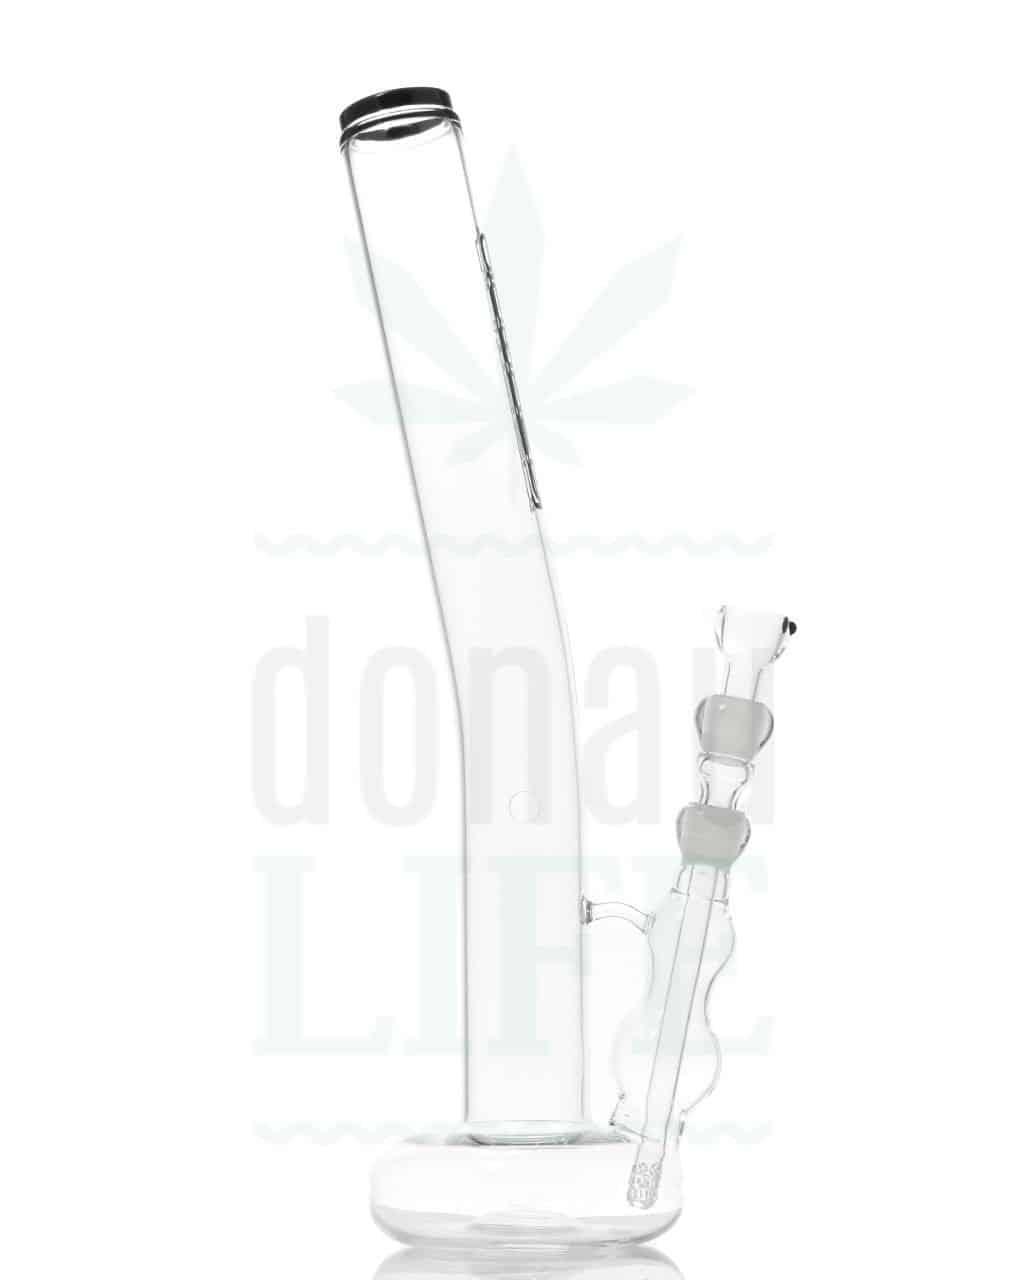 aus Glas INSOMNIA Glasbong 'Hollow' mit Hohlfuß   50 cm